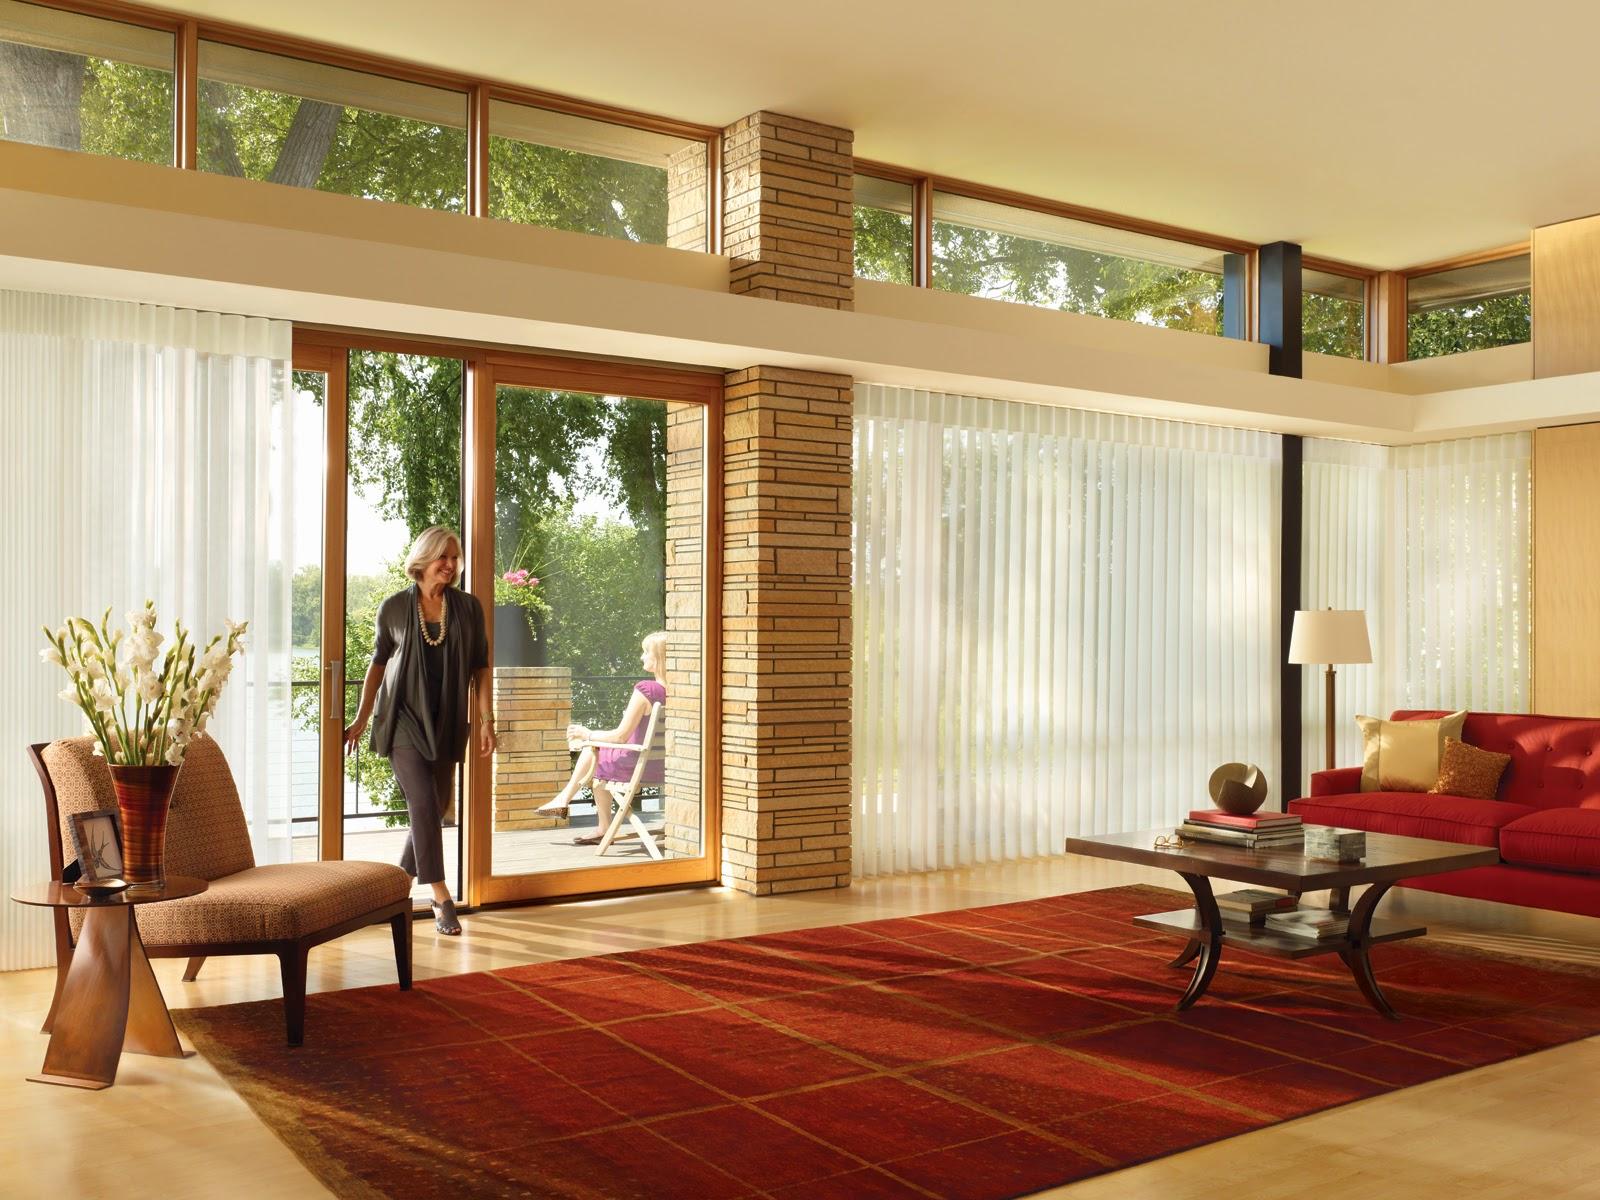 Blinds 4 Less: Blinds For Sliding Glass Doors